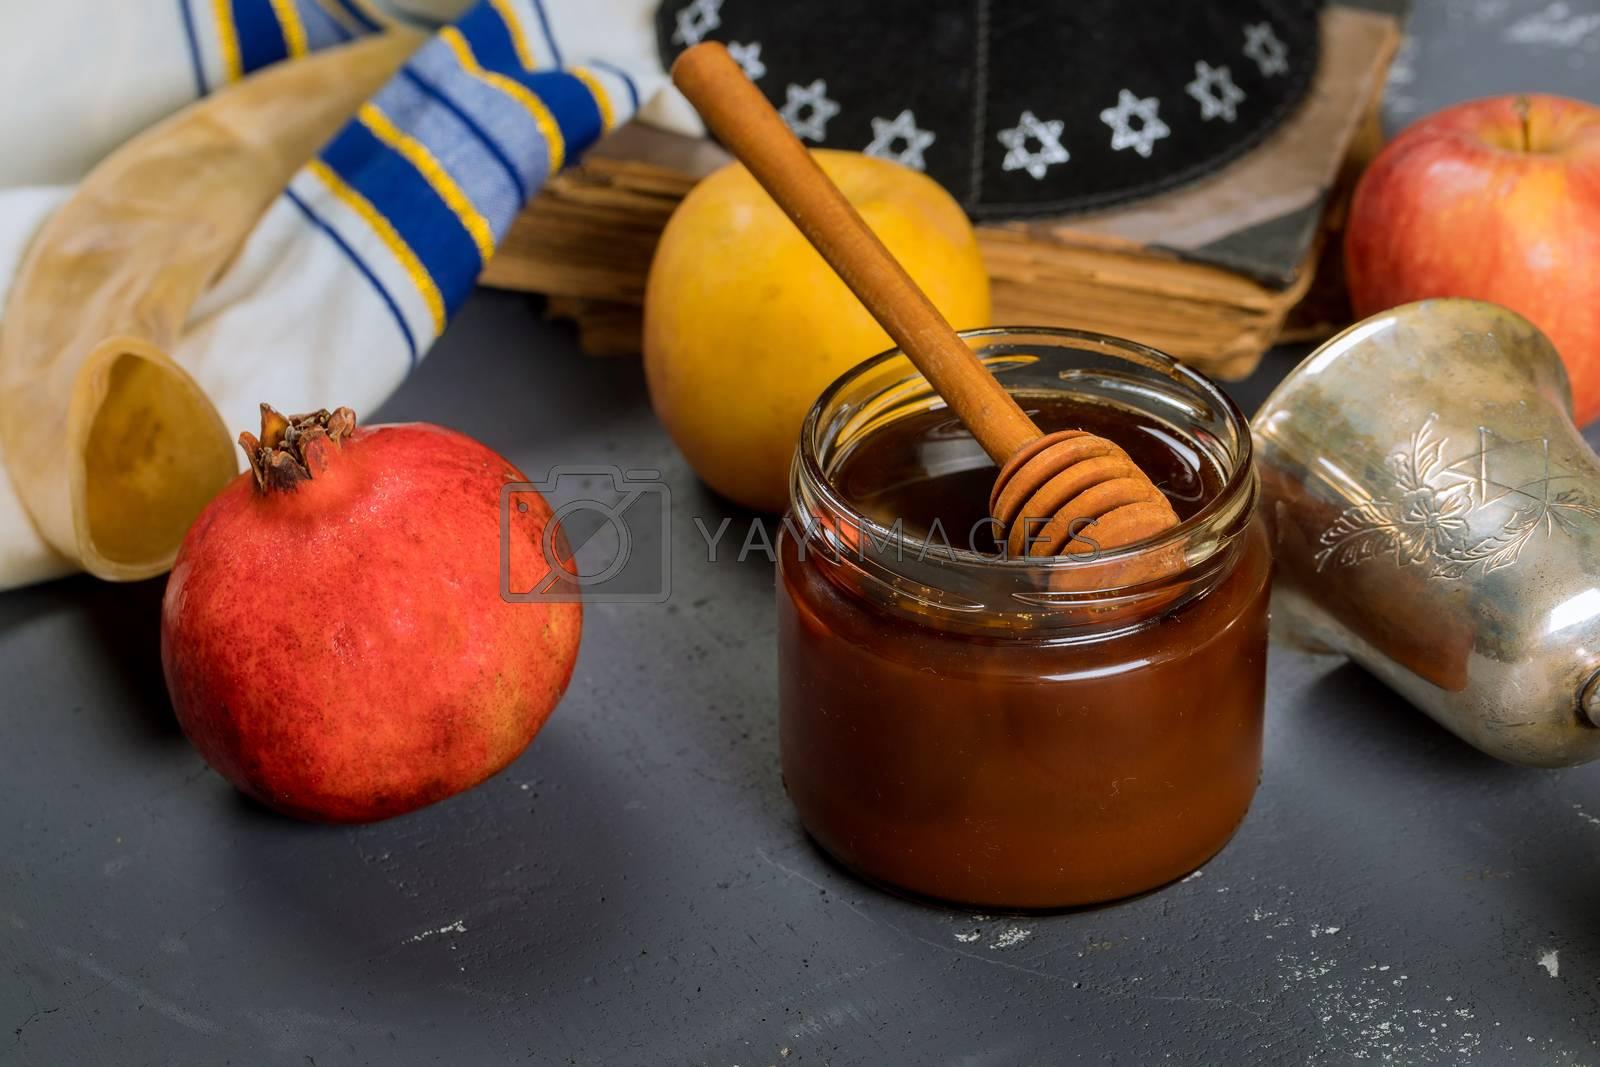 Honey on the pomegranate and apples. Jewishs new year Rosh Ha Shana kippah yamolka and shofar Orthodox Jewish prays at the praying book